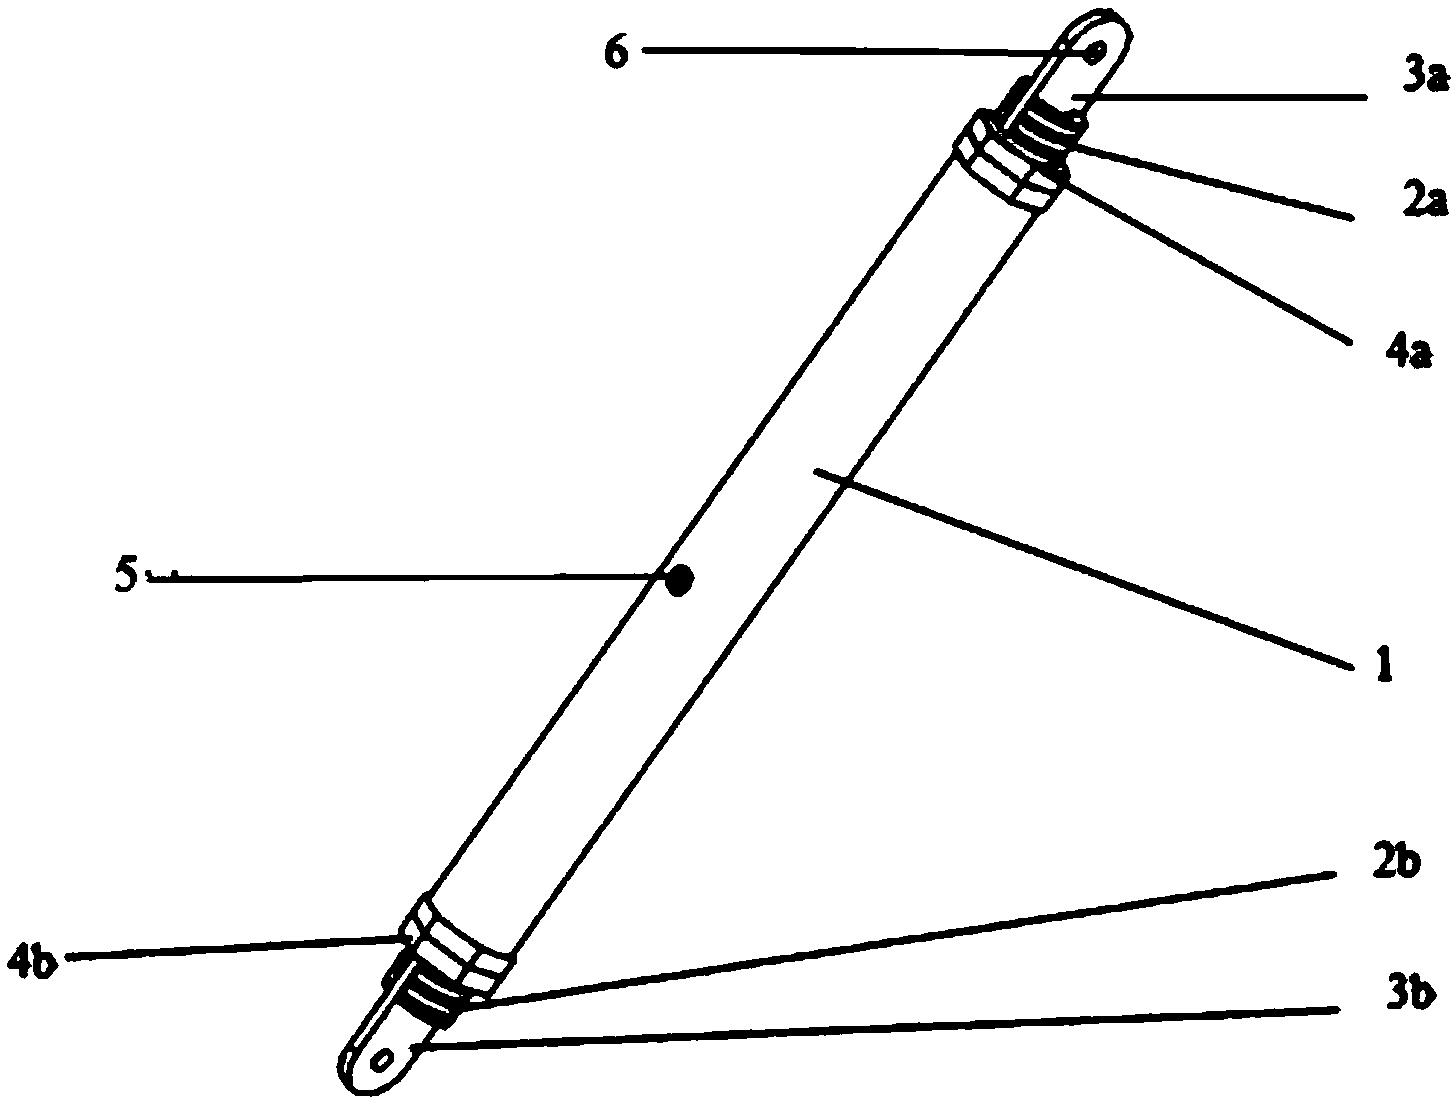 跨座式单轨交通先简支后刚构体系的丝杠千斤顶